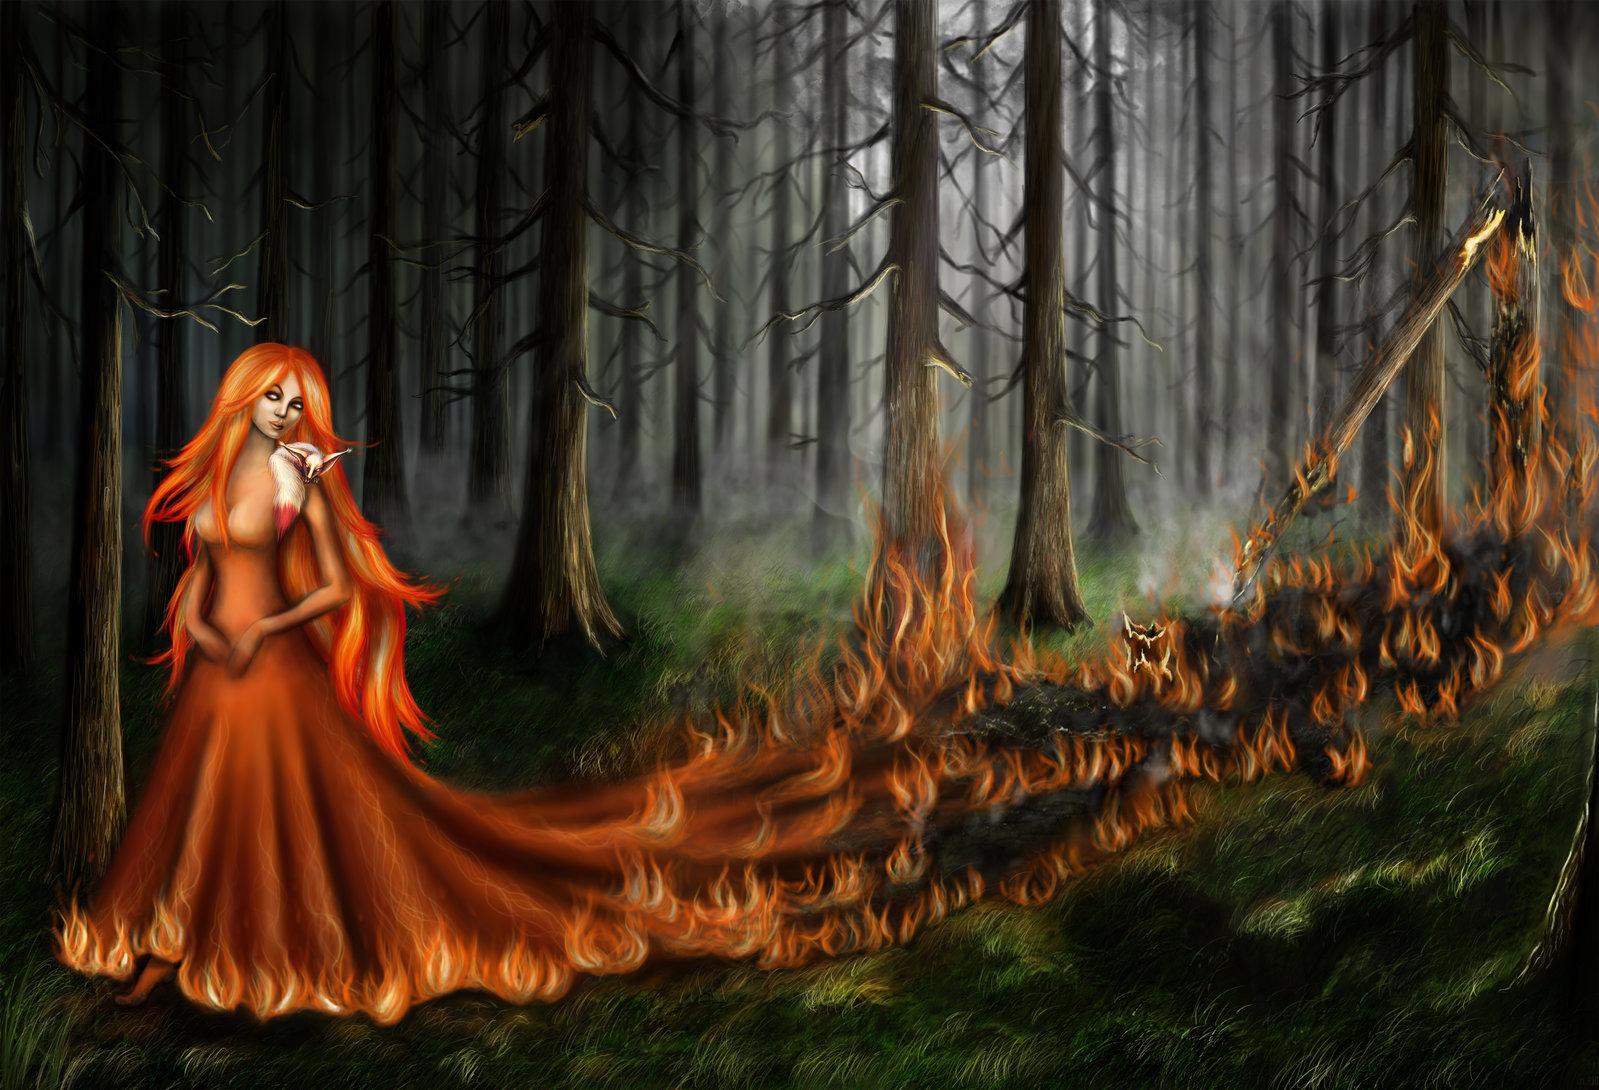 огненная девушка (6).jpg